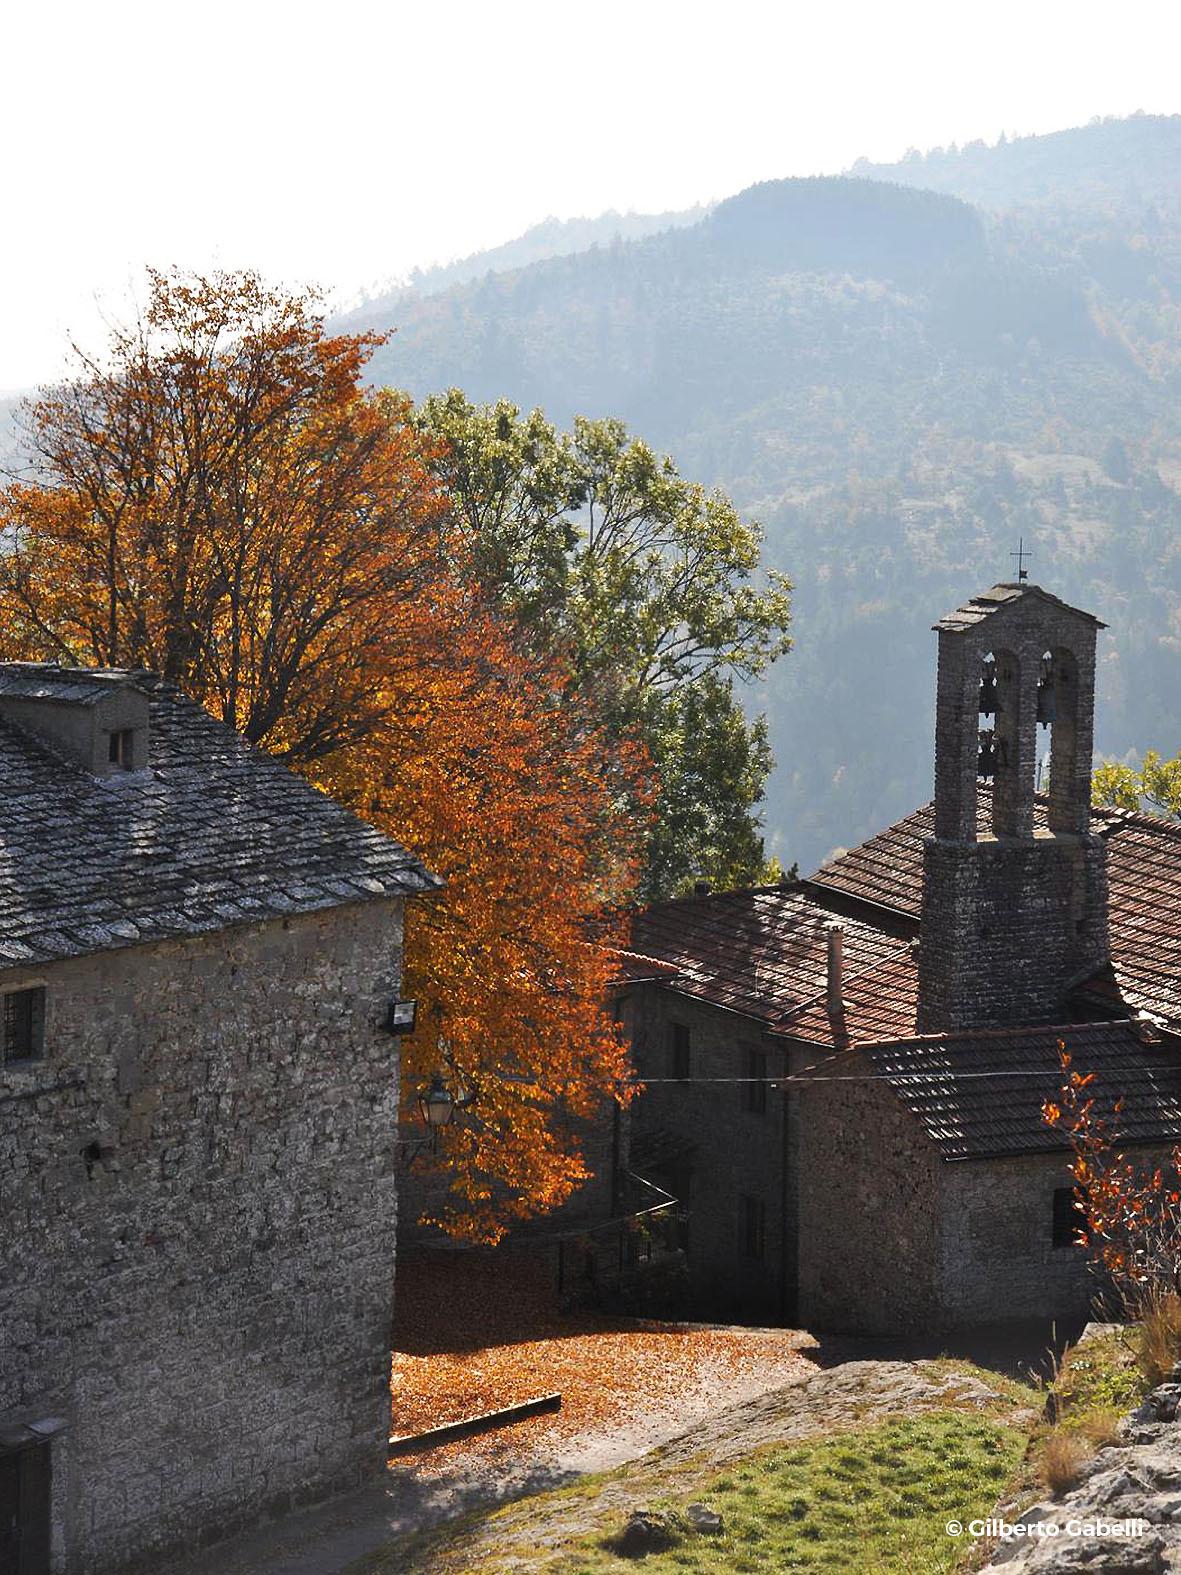 progettoidea chiusi della verna - podesteria di michelangelo (©gilberto gabelli)1